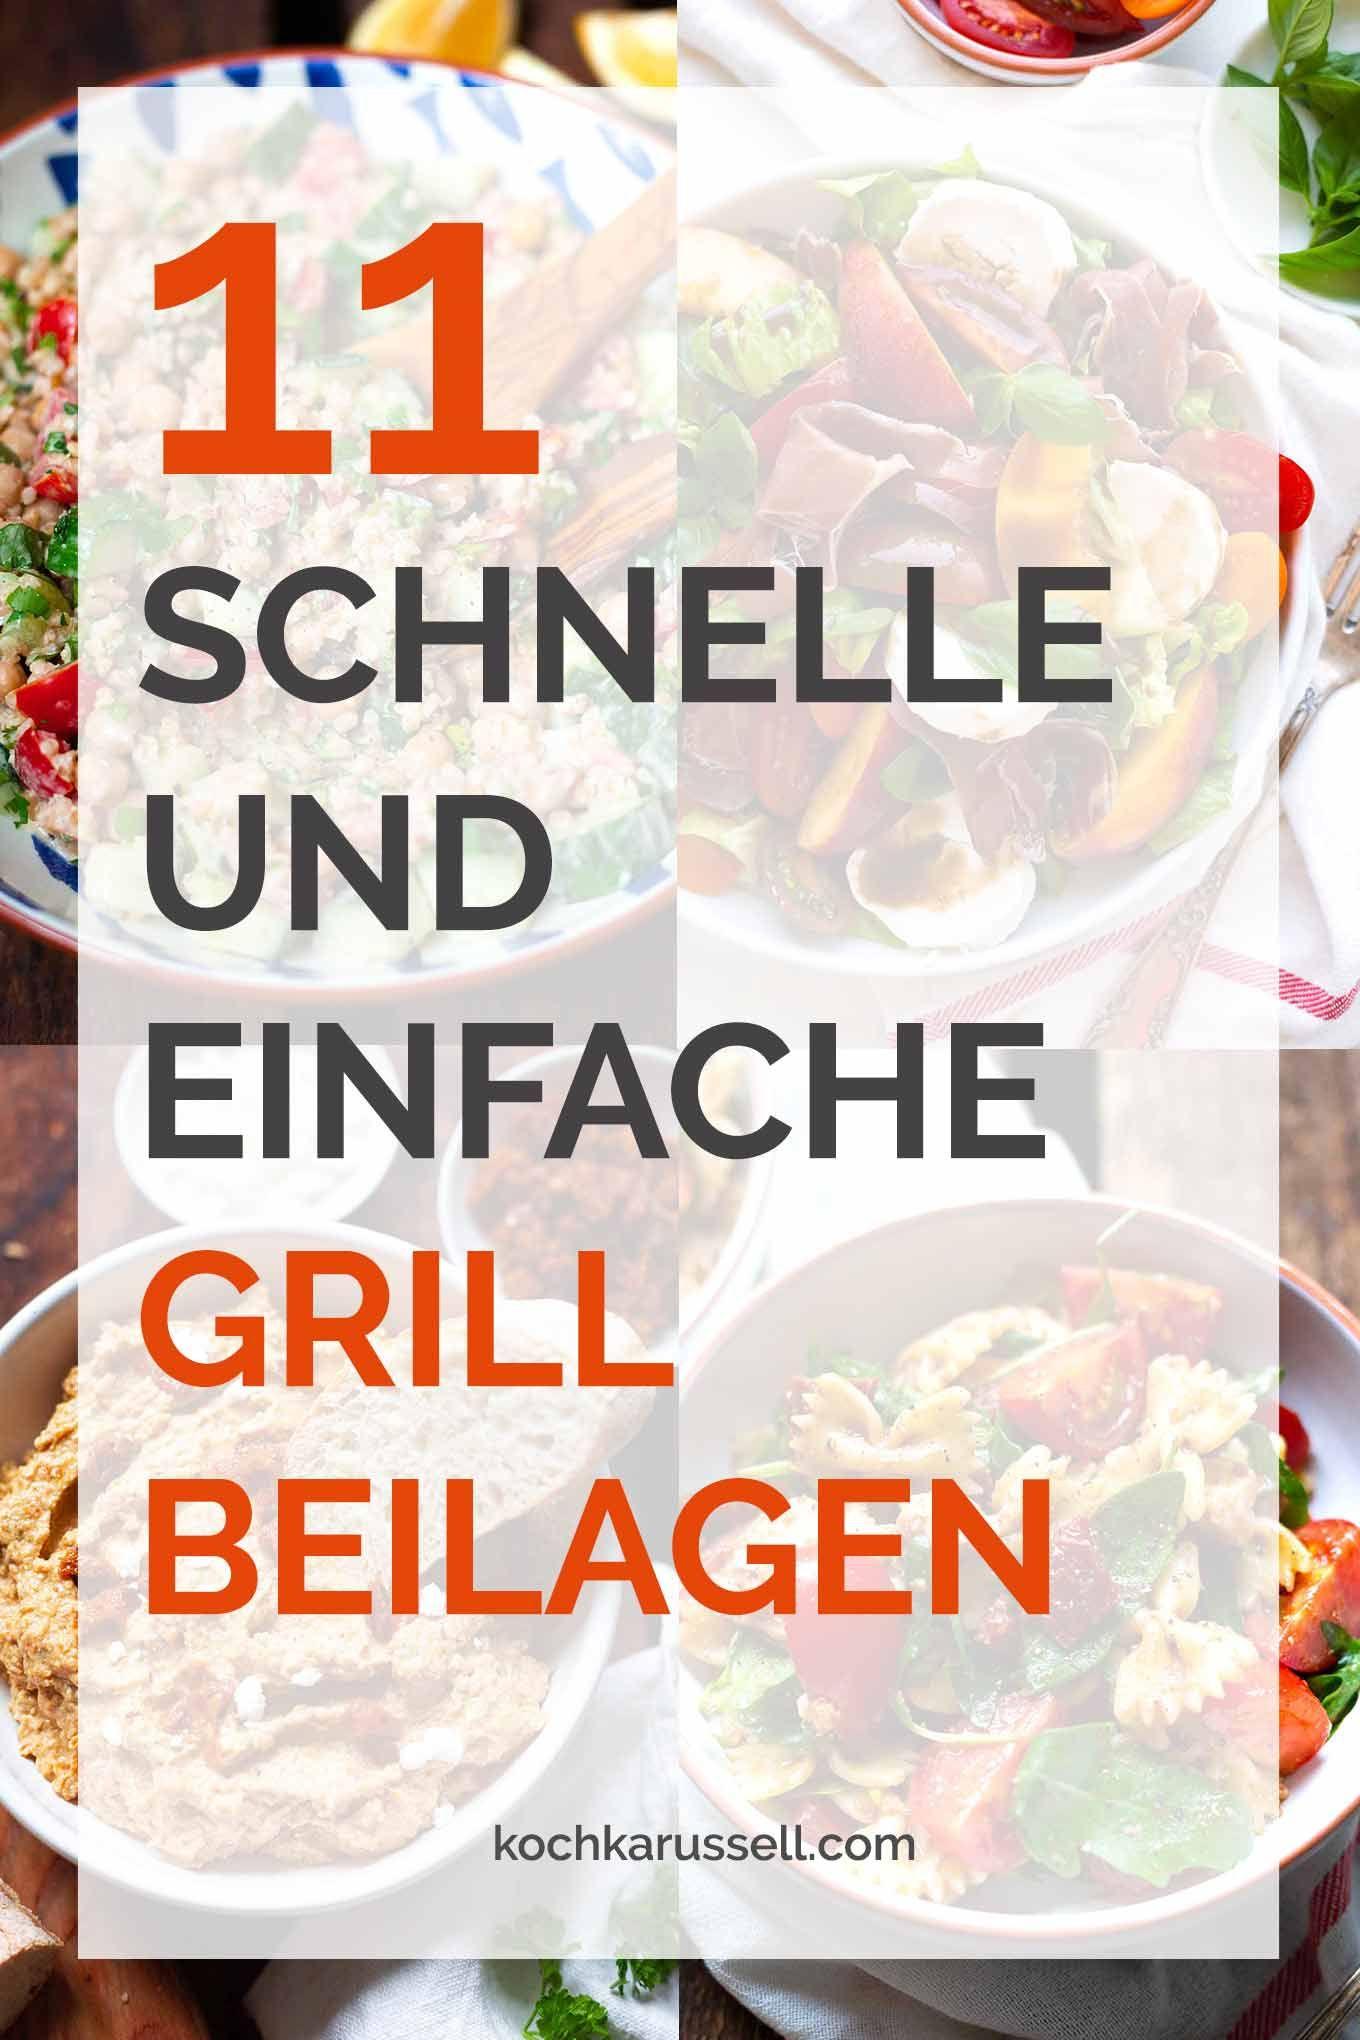 Photo of 11 schnelle und einfache Grillbeilagen – Kochkarussell